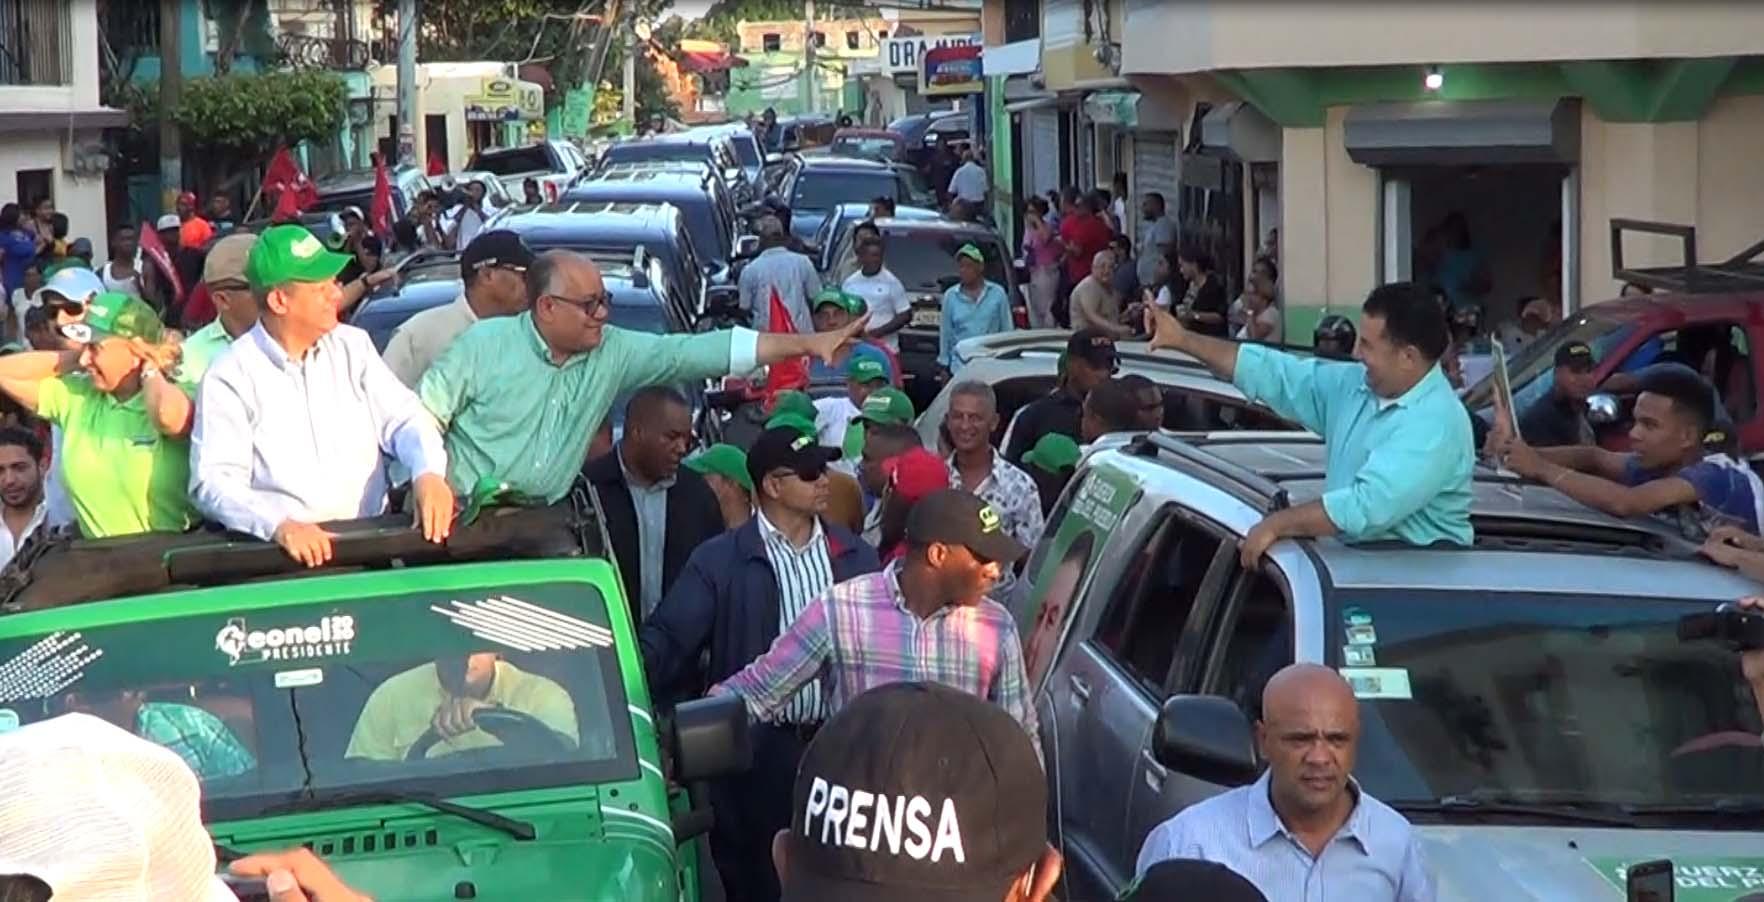 Joaquín Hilario y Daneris Santana se saludan en forma efusiva